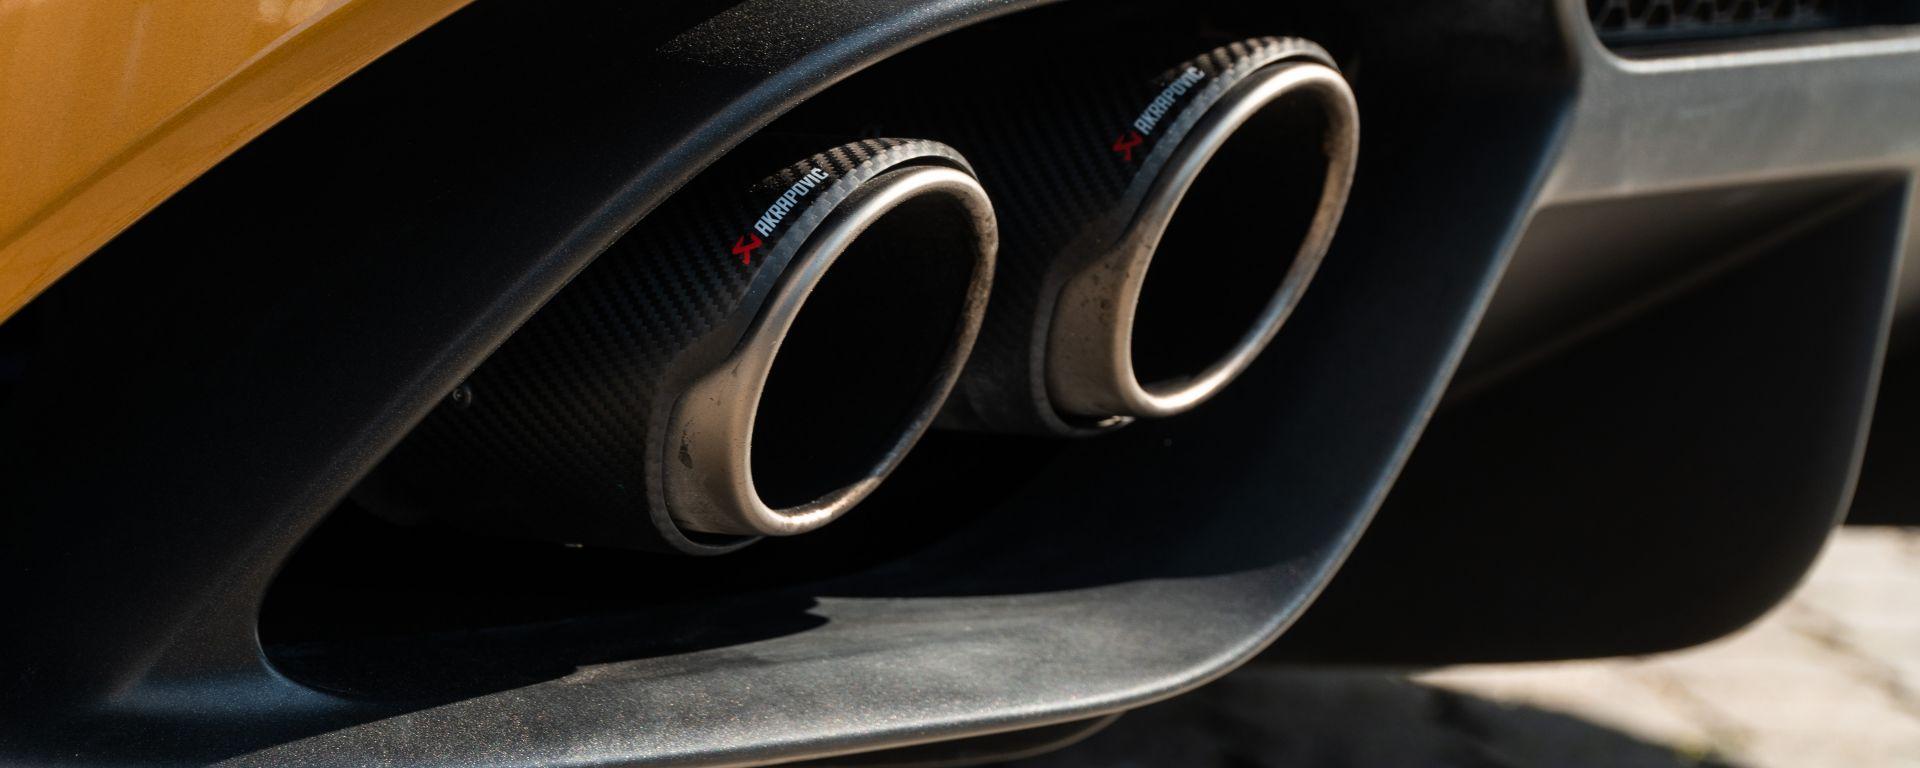 SoundBox Alfa Romeo Giulia Quadrifoglio: i tubi Akrapovic di carbonio in primo piano